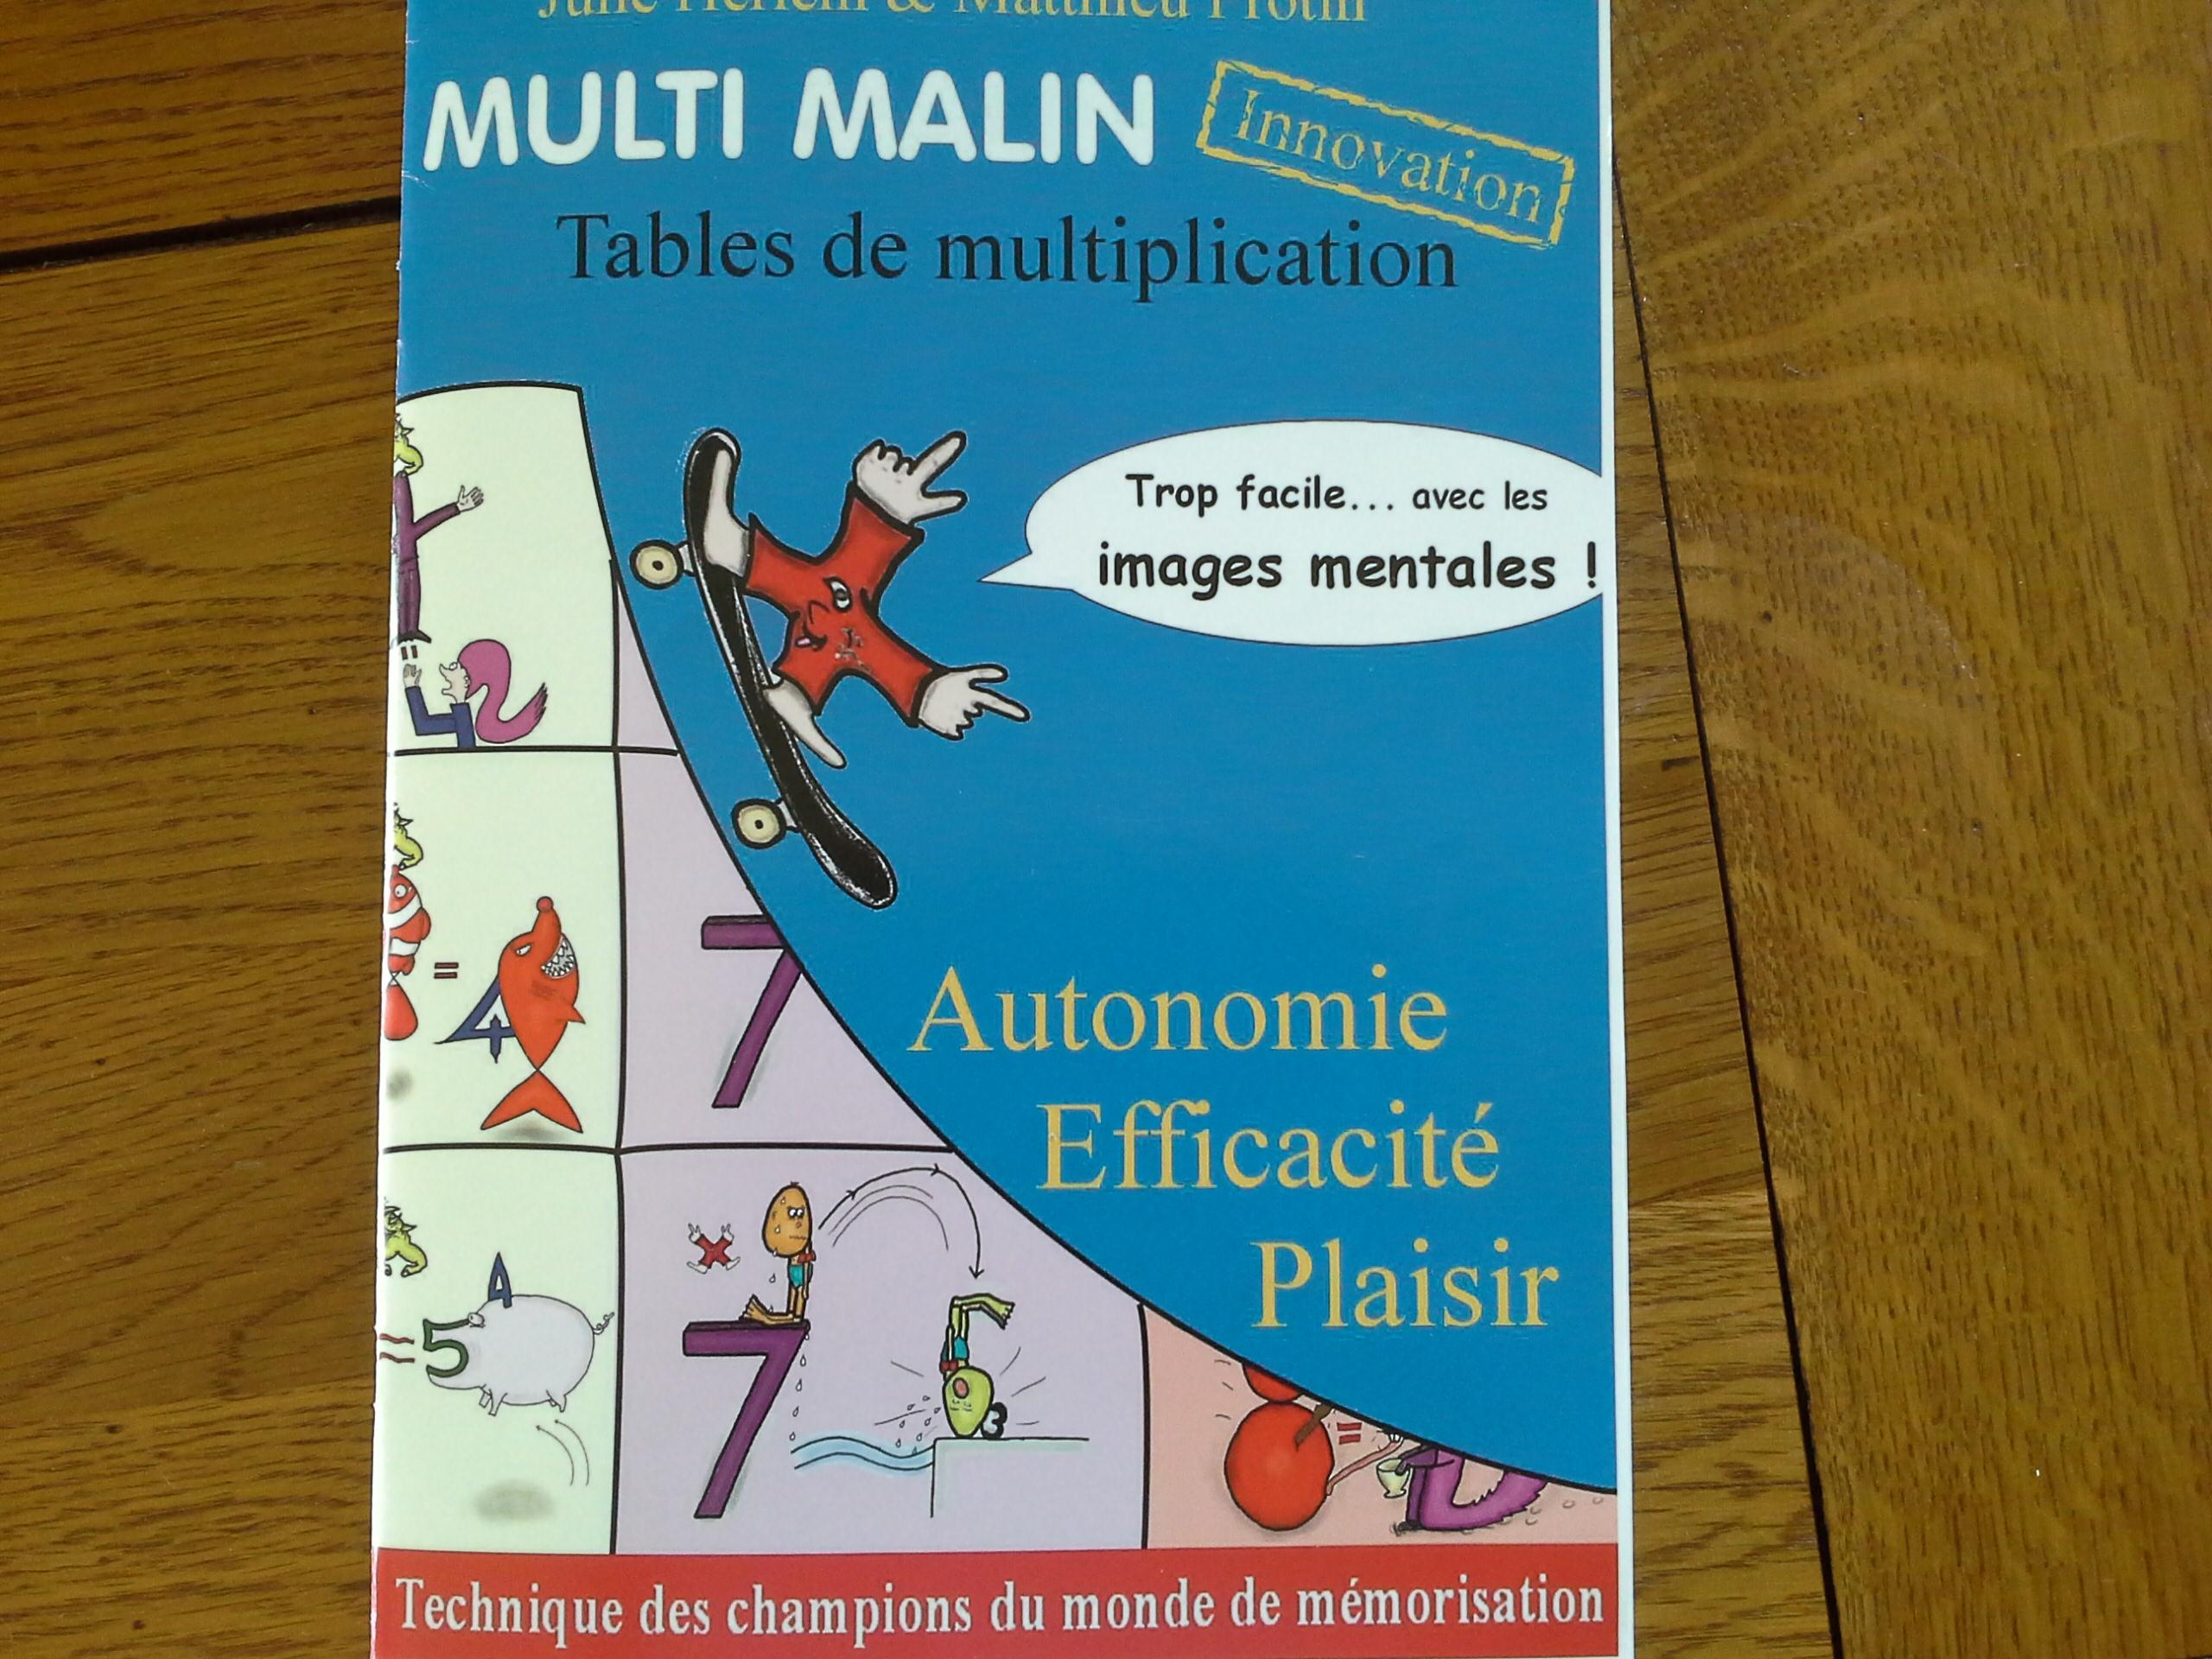 Apprendre les tables de multiplication loustics - Apprendre les tables de multiplication jeux ...